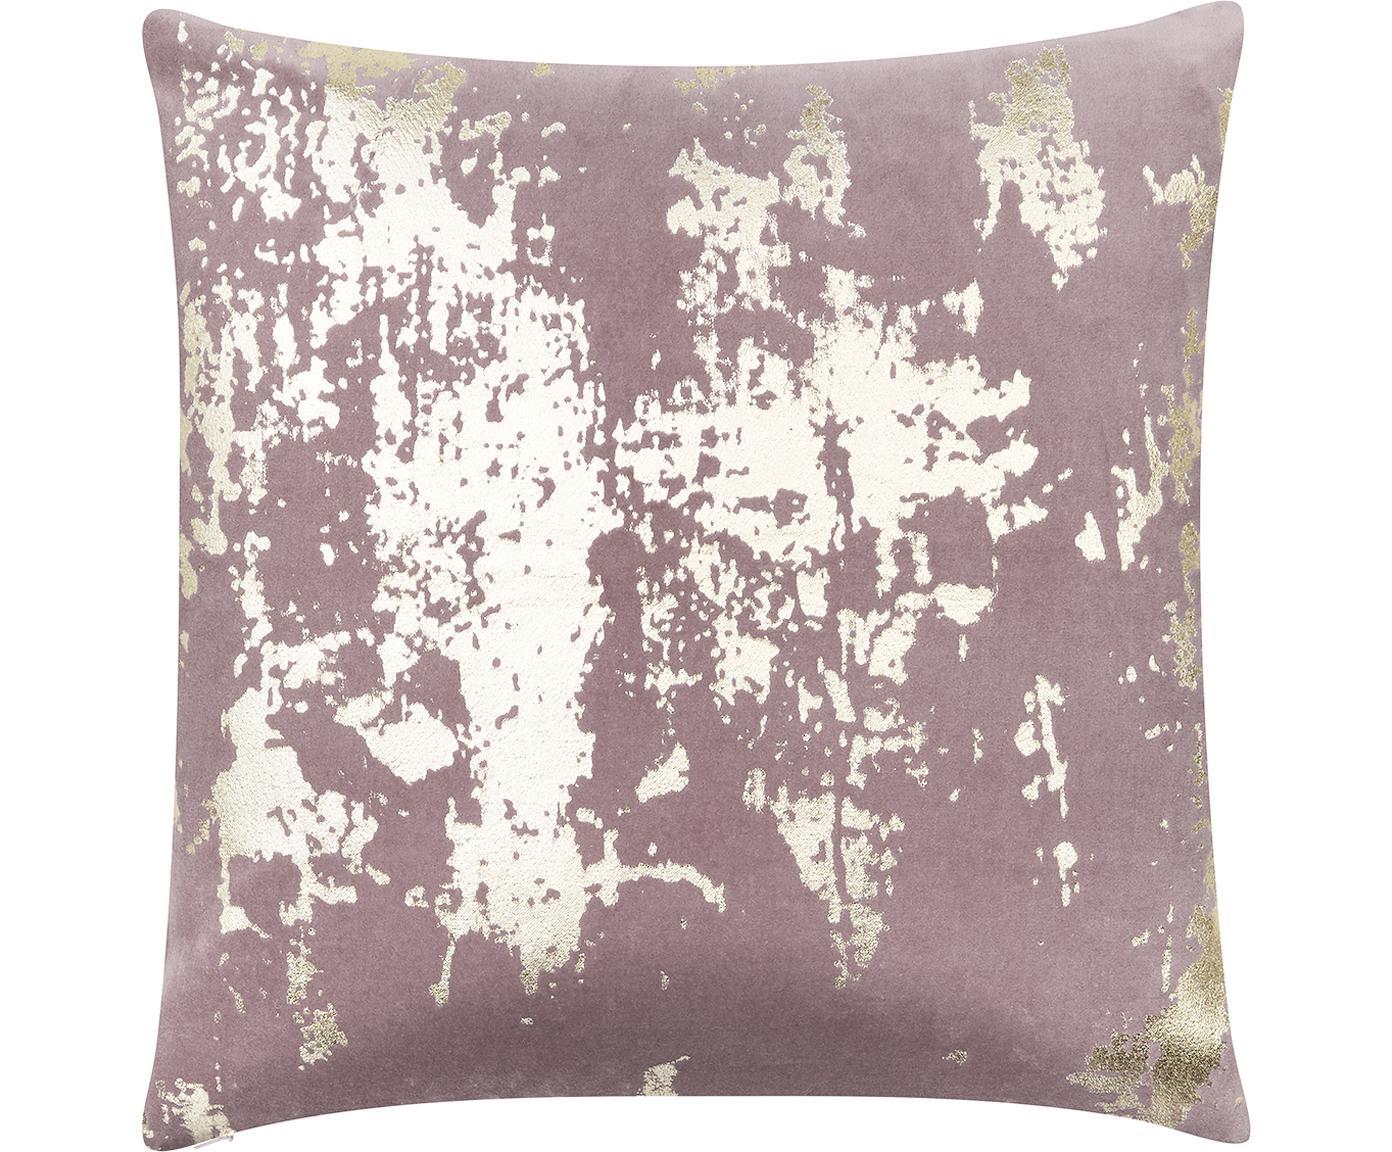 Poszewka na poduszkę Shiny, Aksamit bawełniany, Mauve, odcienie złotego, S 40 x D 40 cm